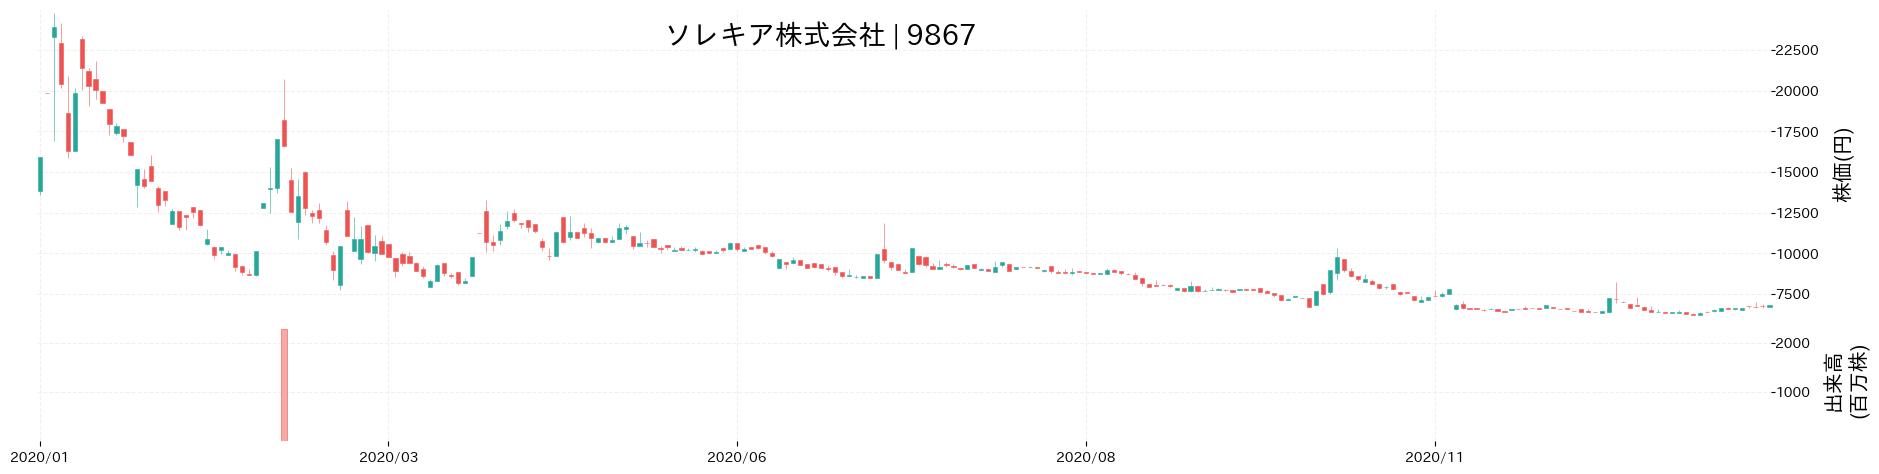 ソレキア株式会社の株価推移(2020)